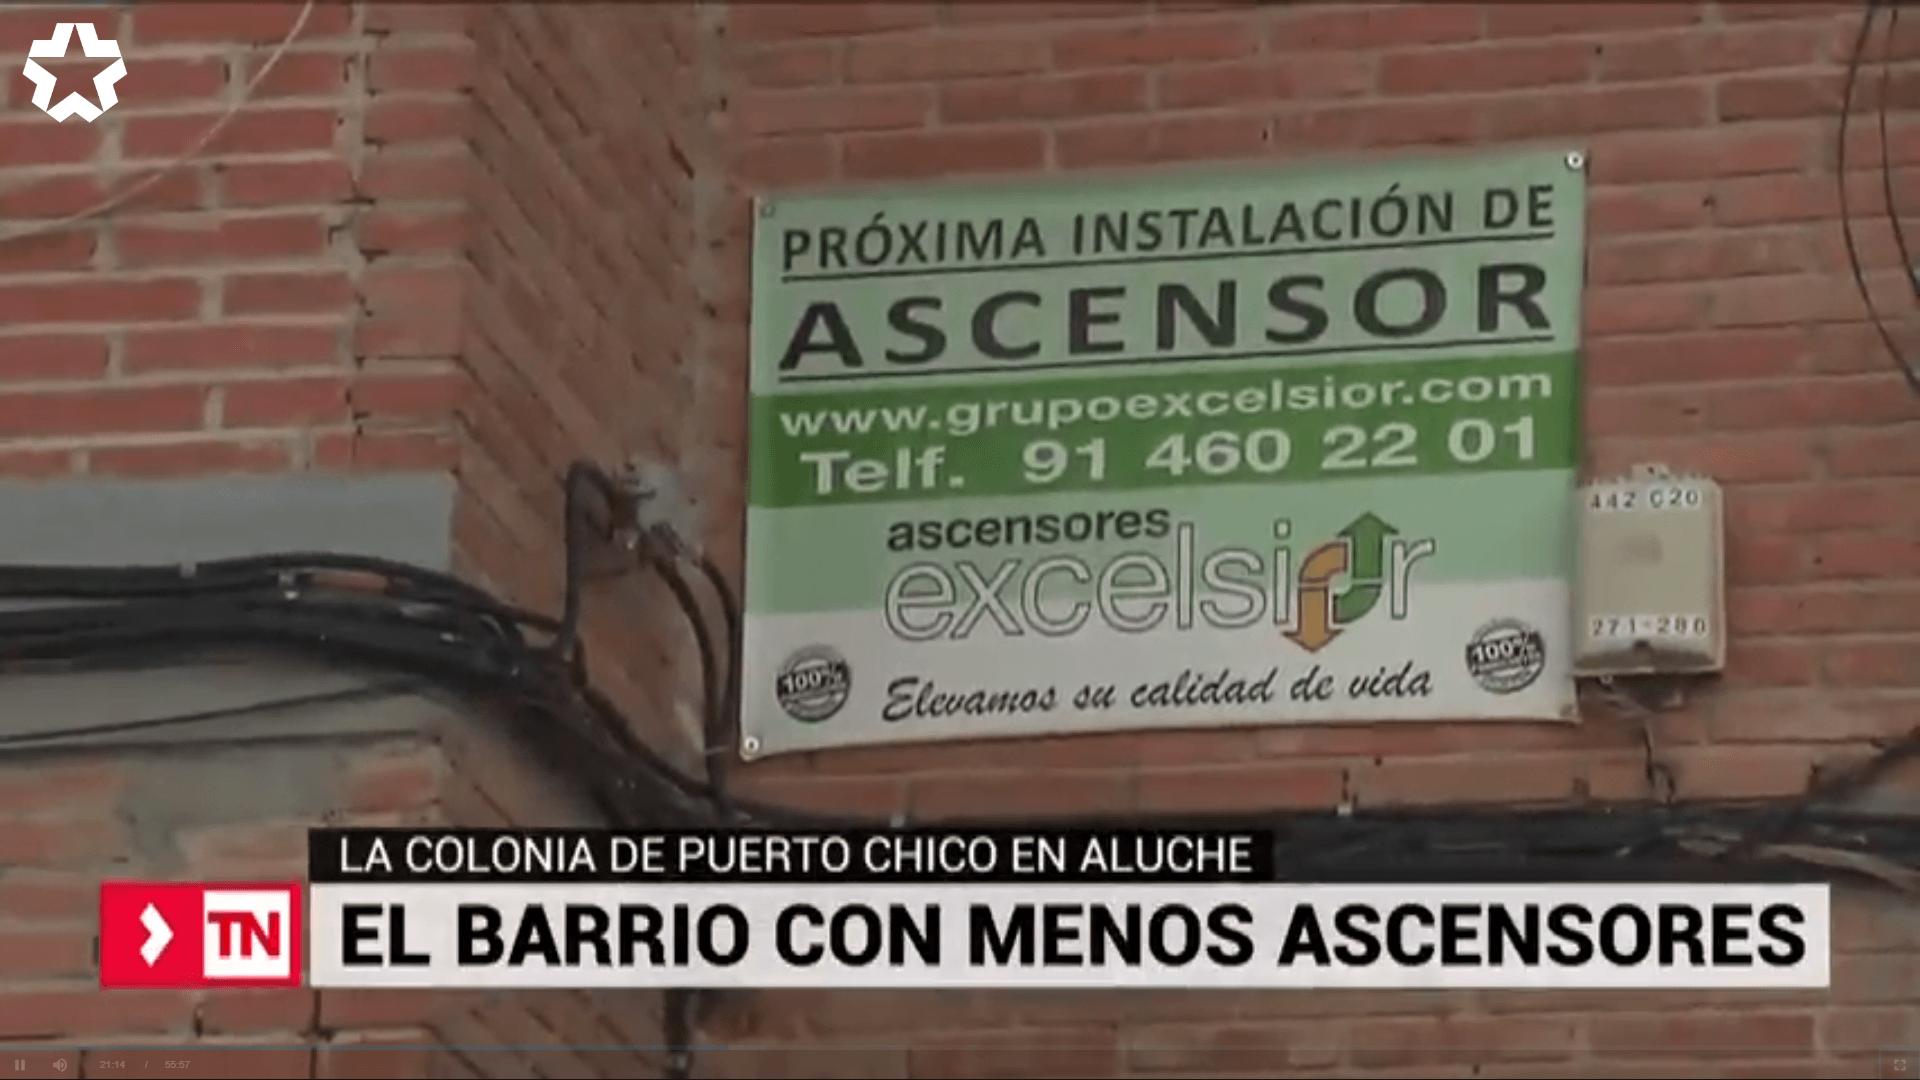 Los barrios de Madrid con menos ascensores